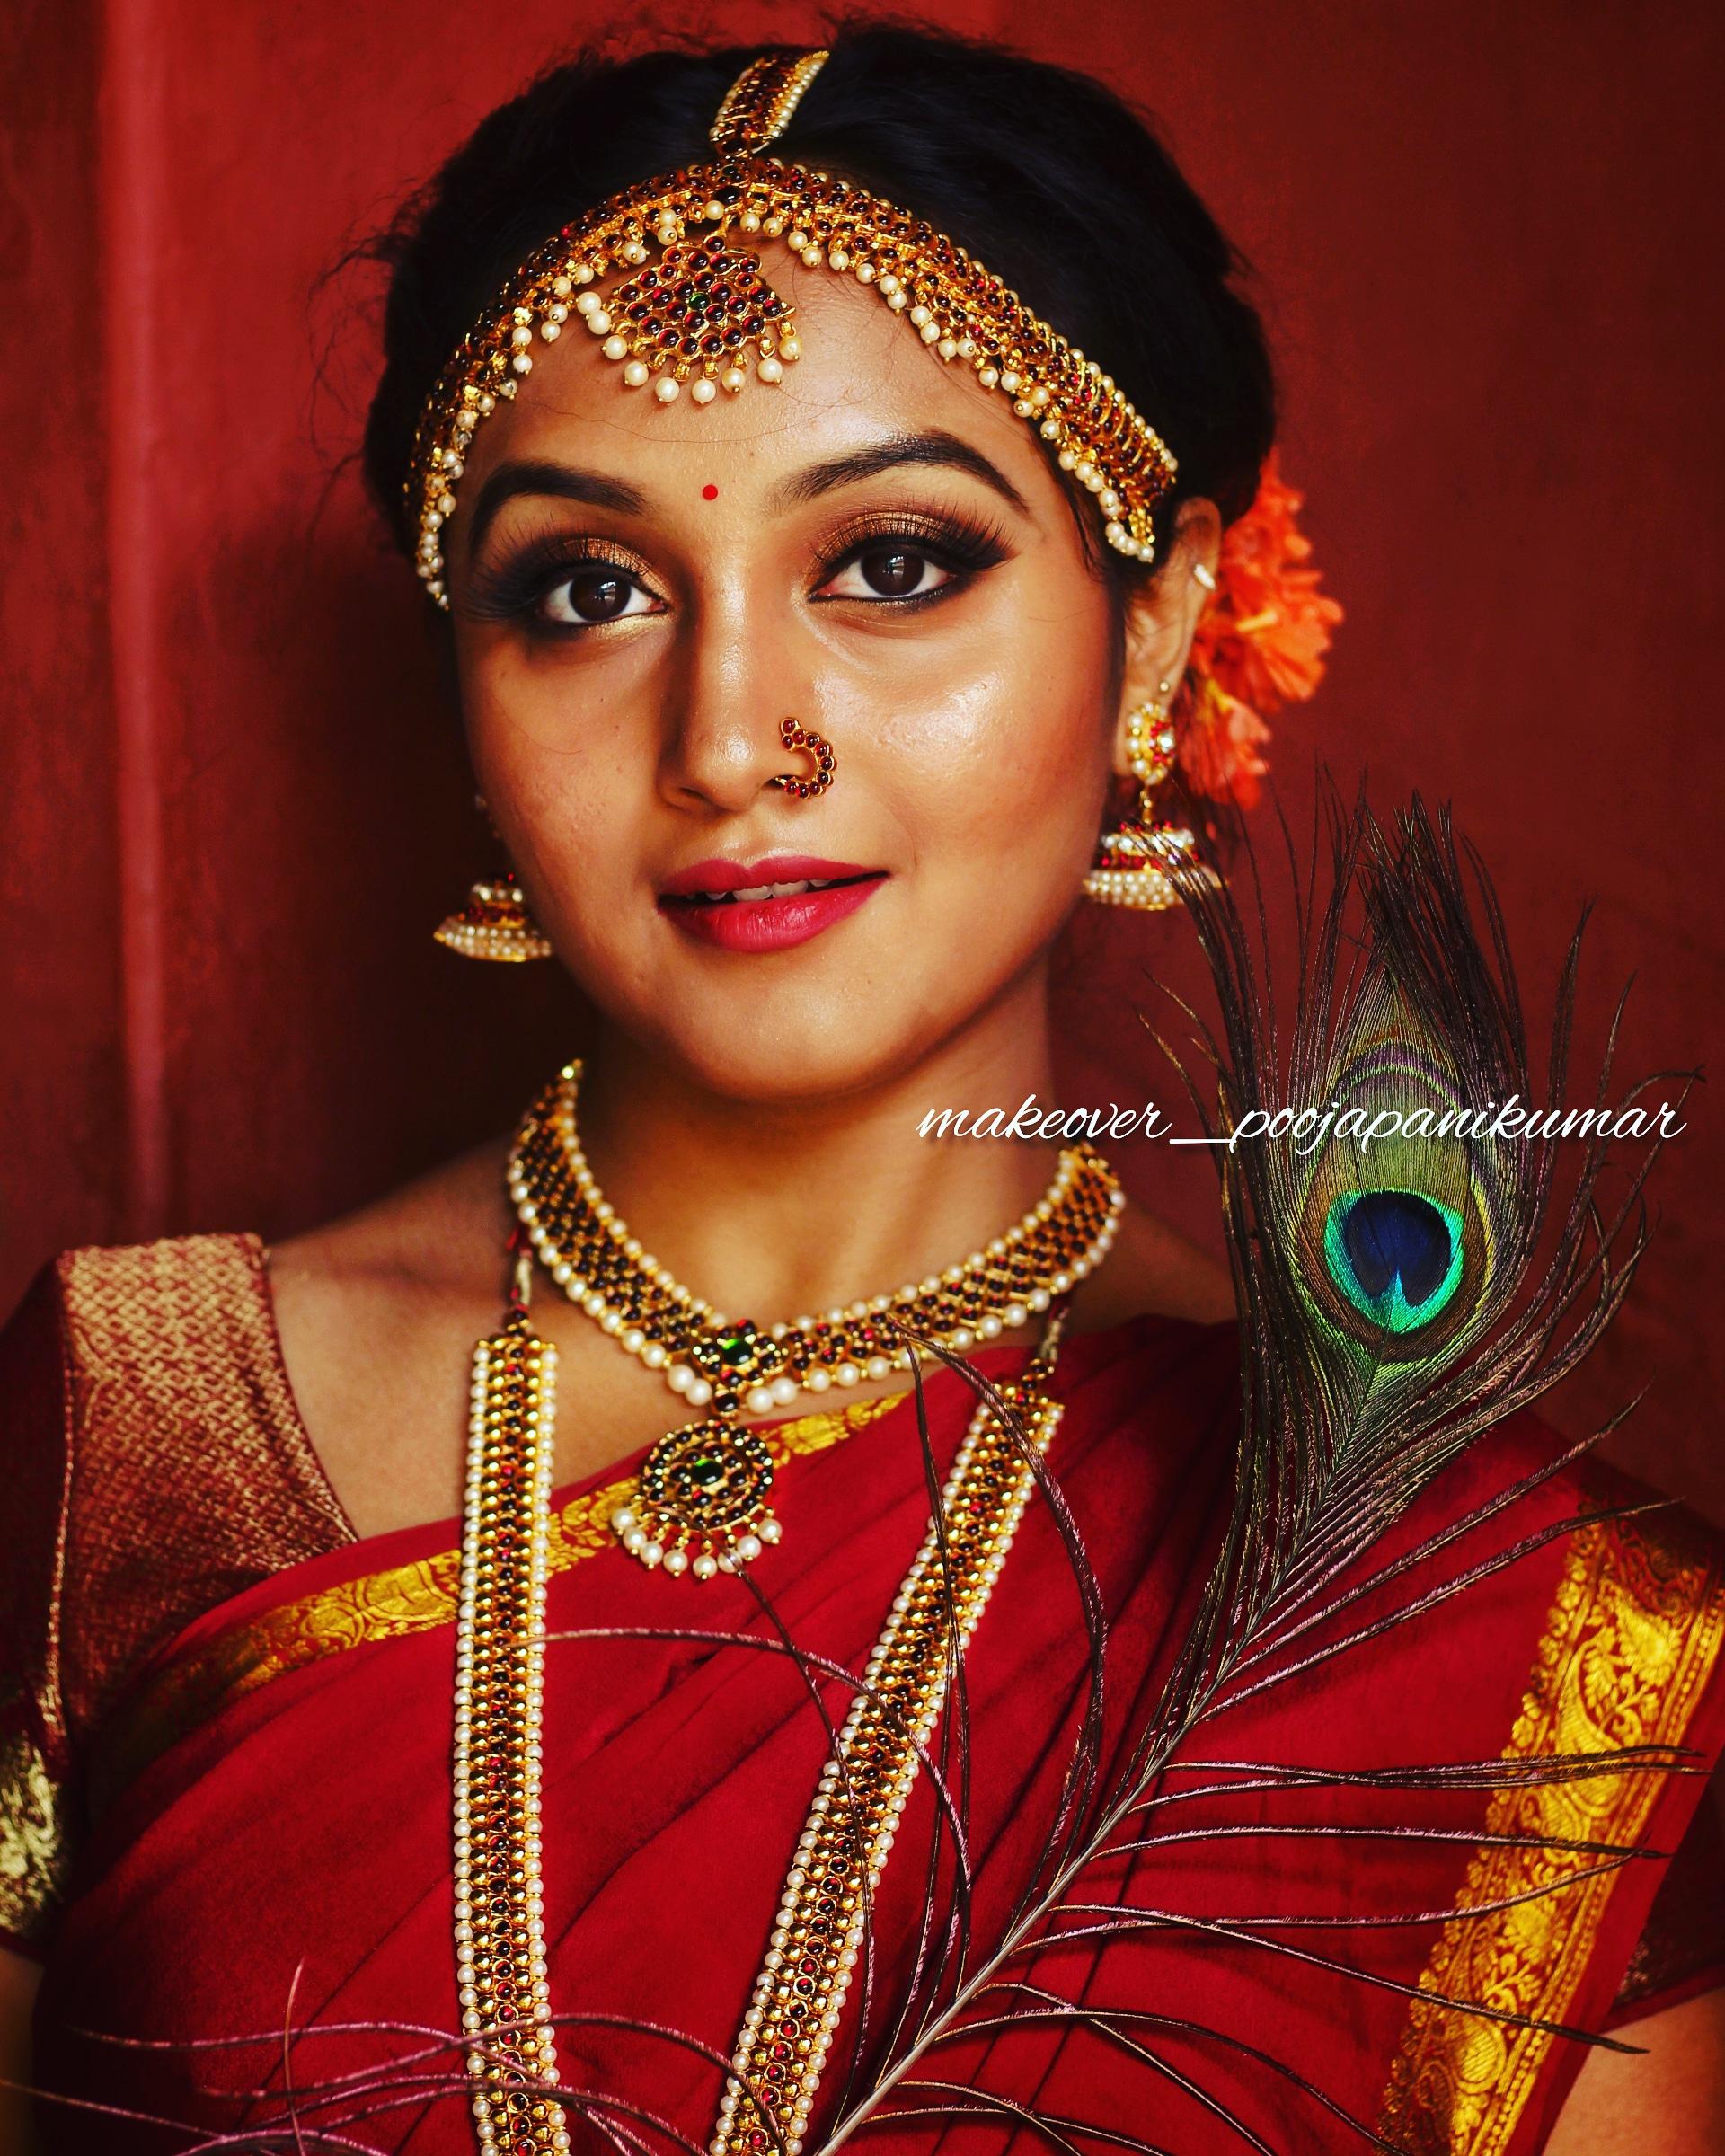 pooja-panikumar-makeup-artist-bangalore